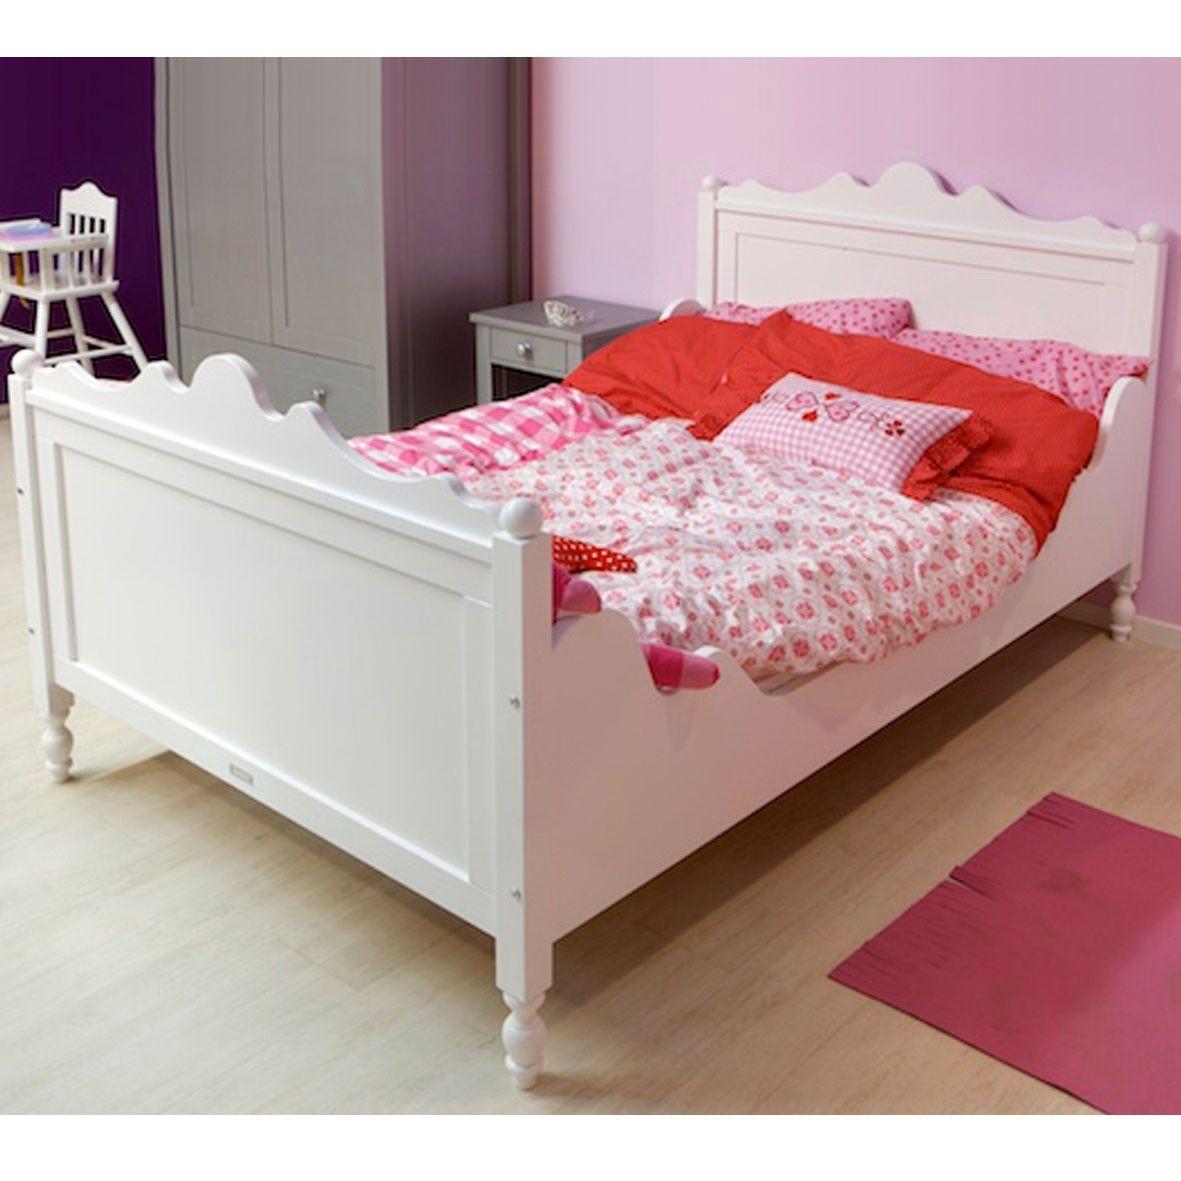 Twin Bett Belle 120 X 200 Cm Bett Bett Ideen Bett 120x200